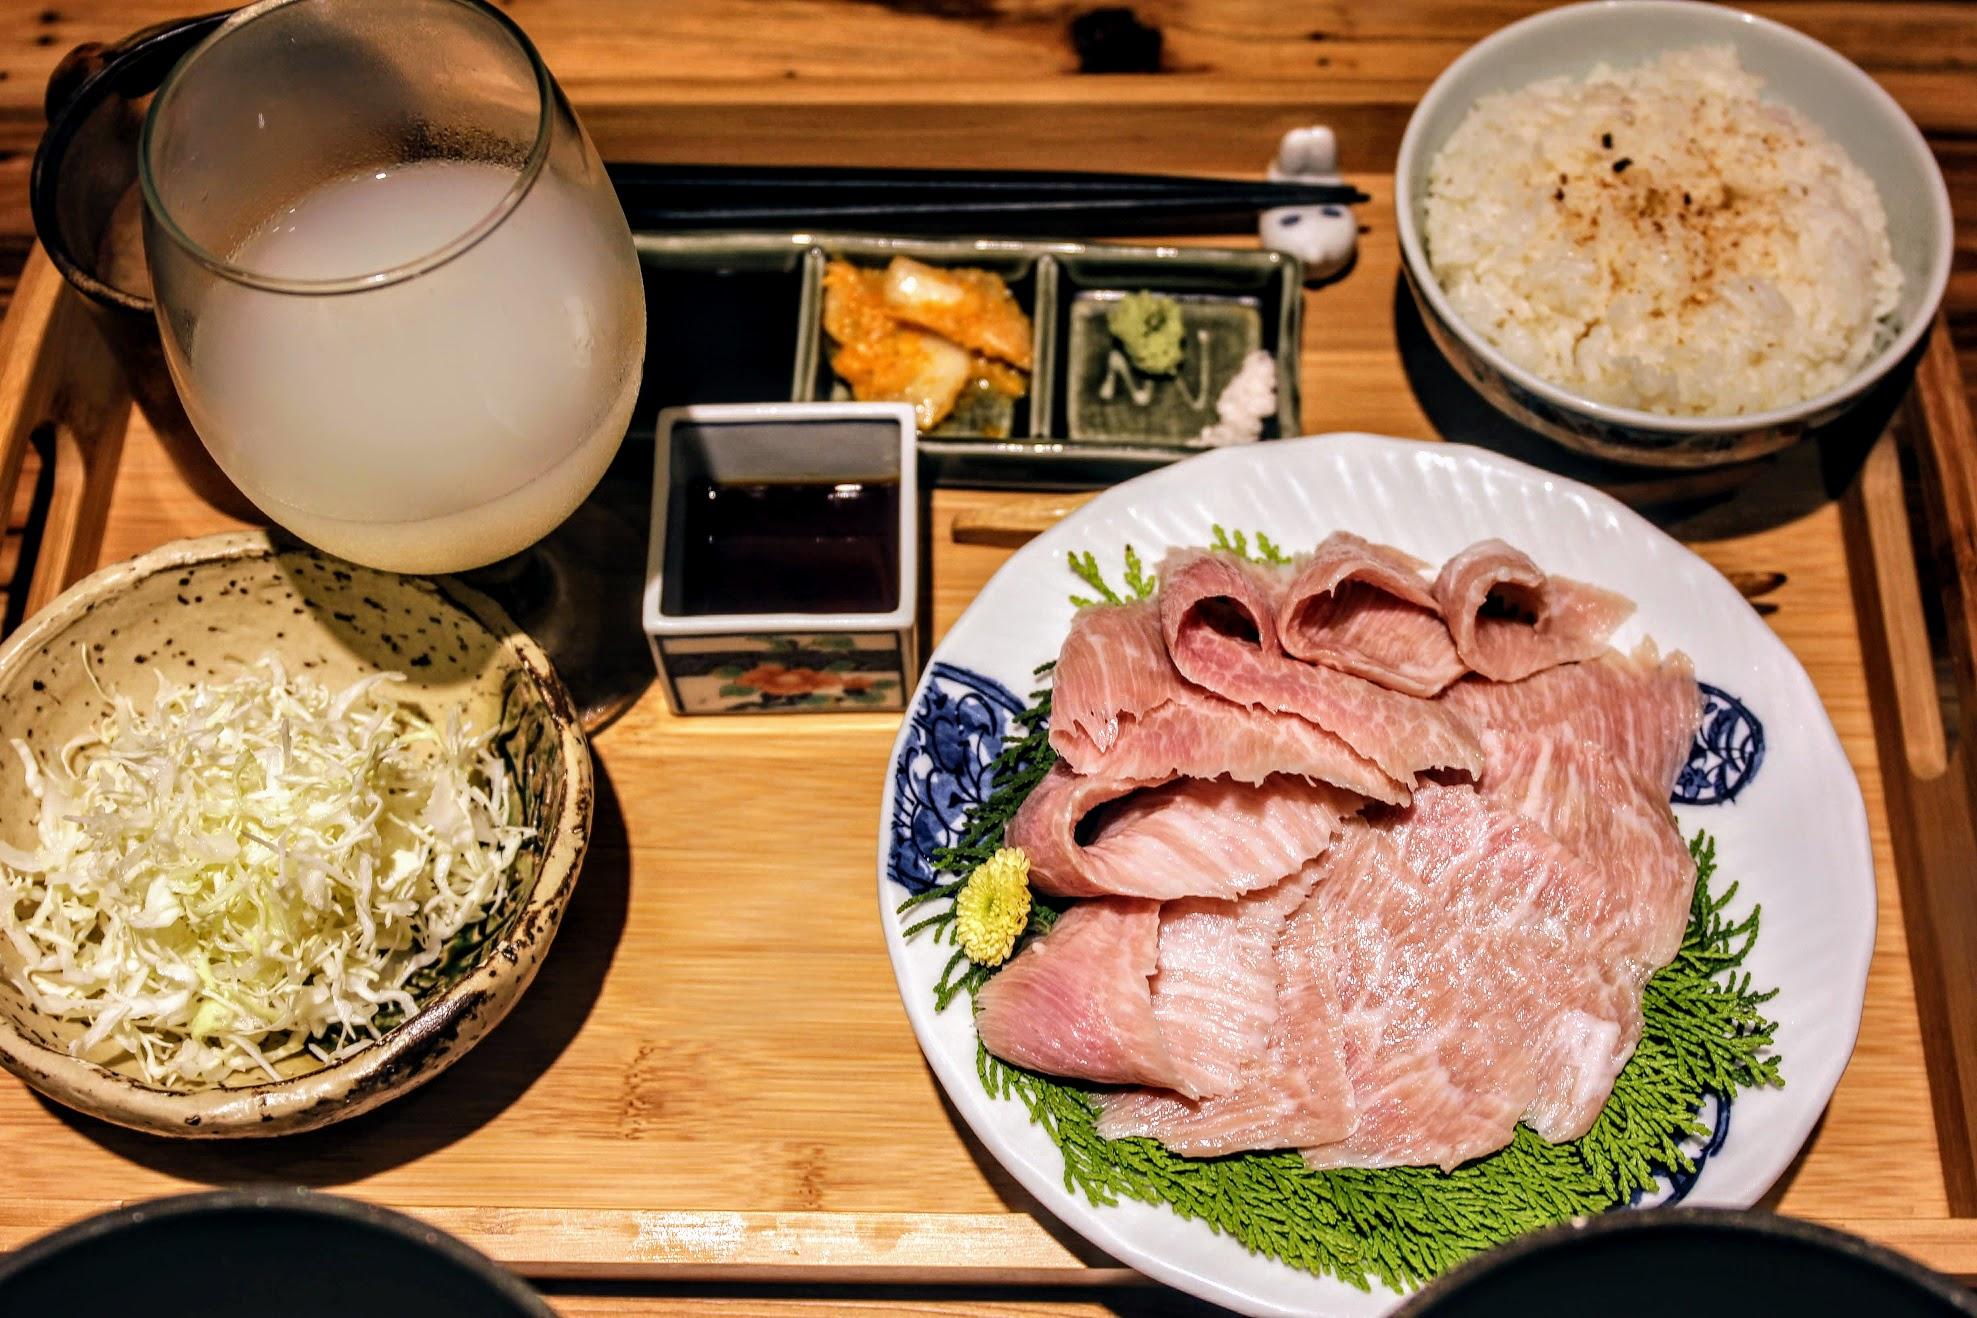 霜降豬肉套餐,除了主餐不同外,其他相同